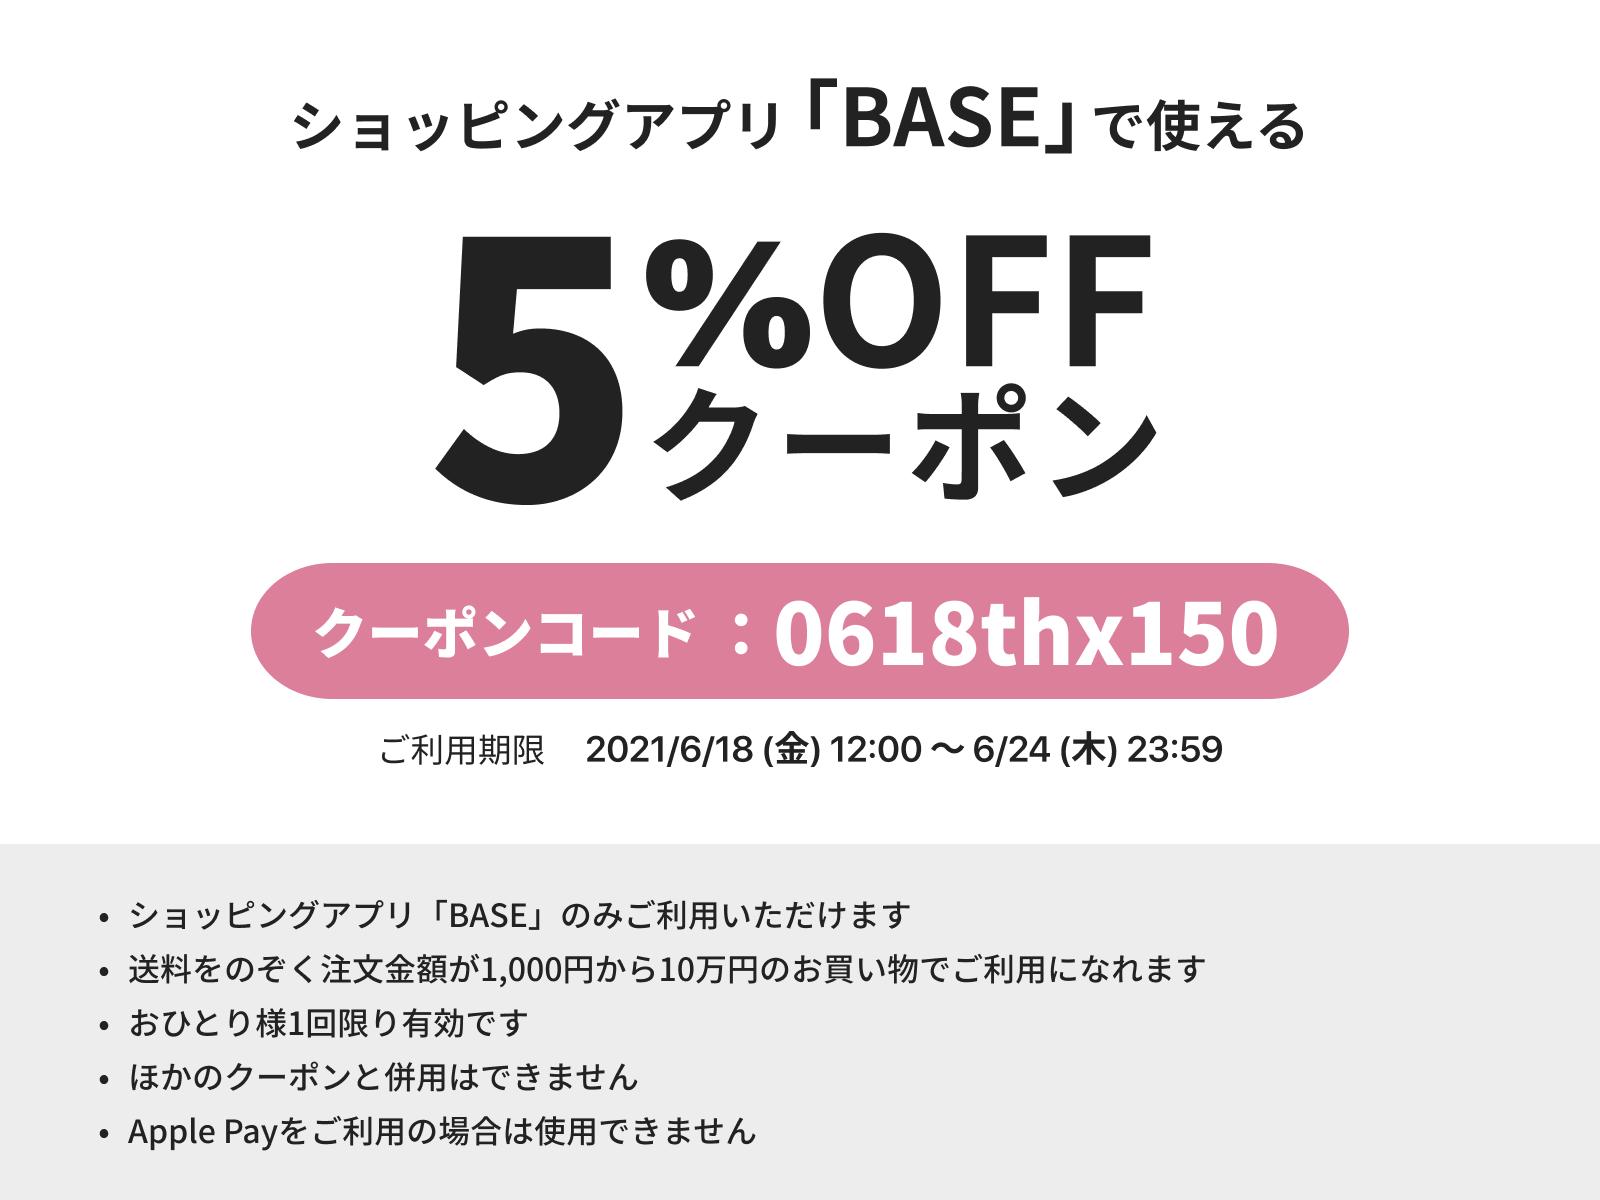 6/18 ~ 6/24 まで使えるBASEアプリ専用クーポンが発行されました!